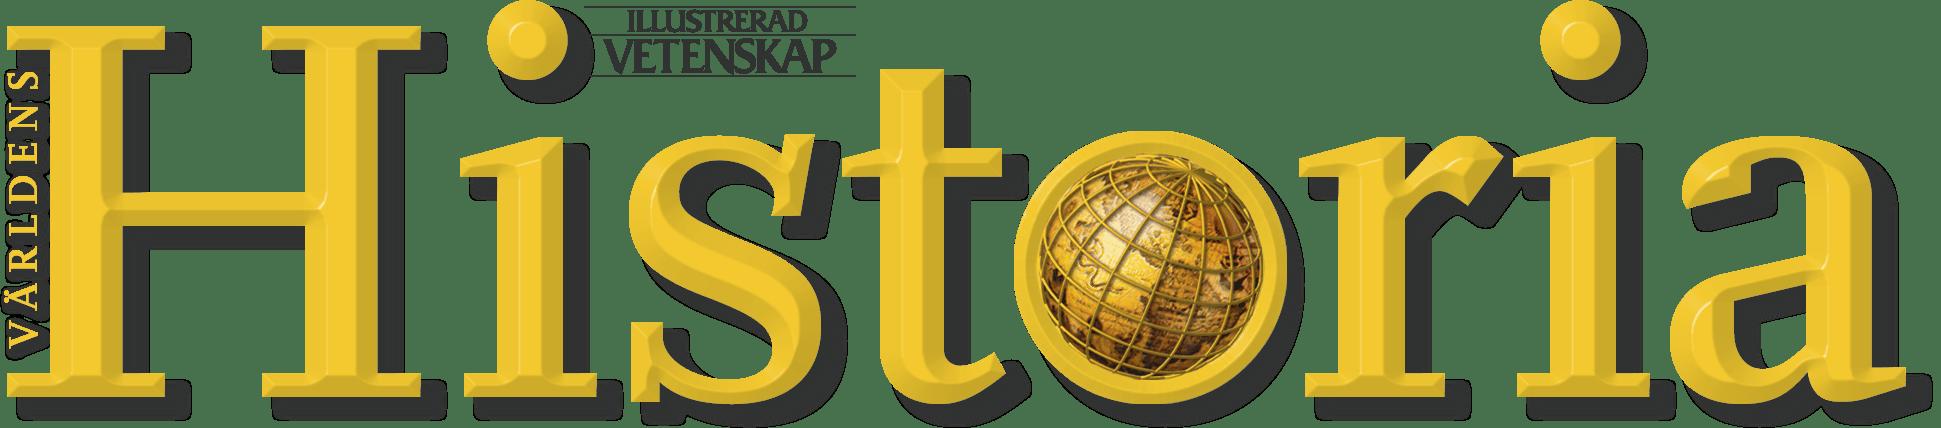 Prenumeration på Världens Historia – Se det fina erbjudandet